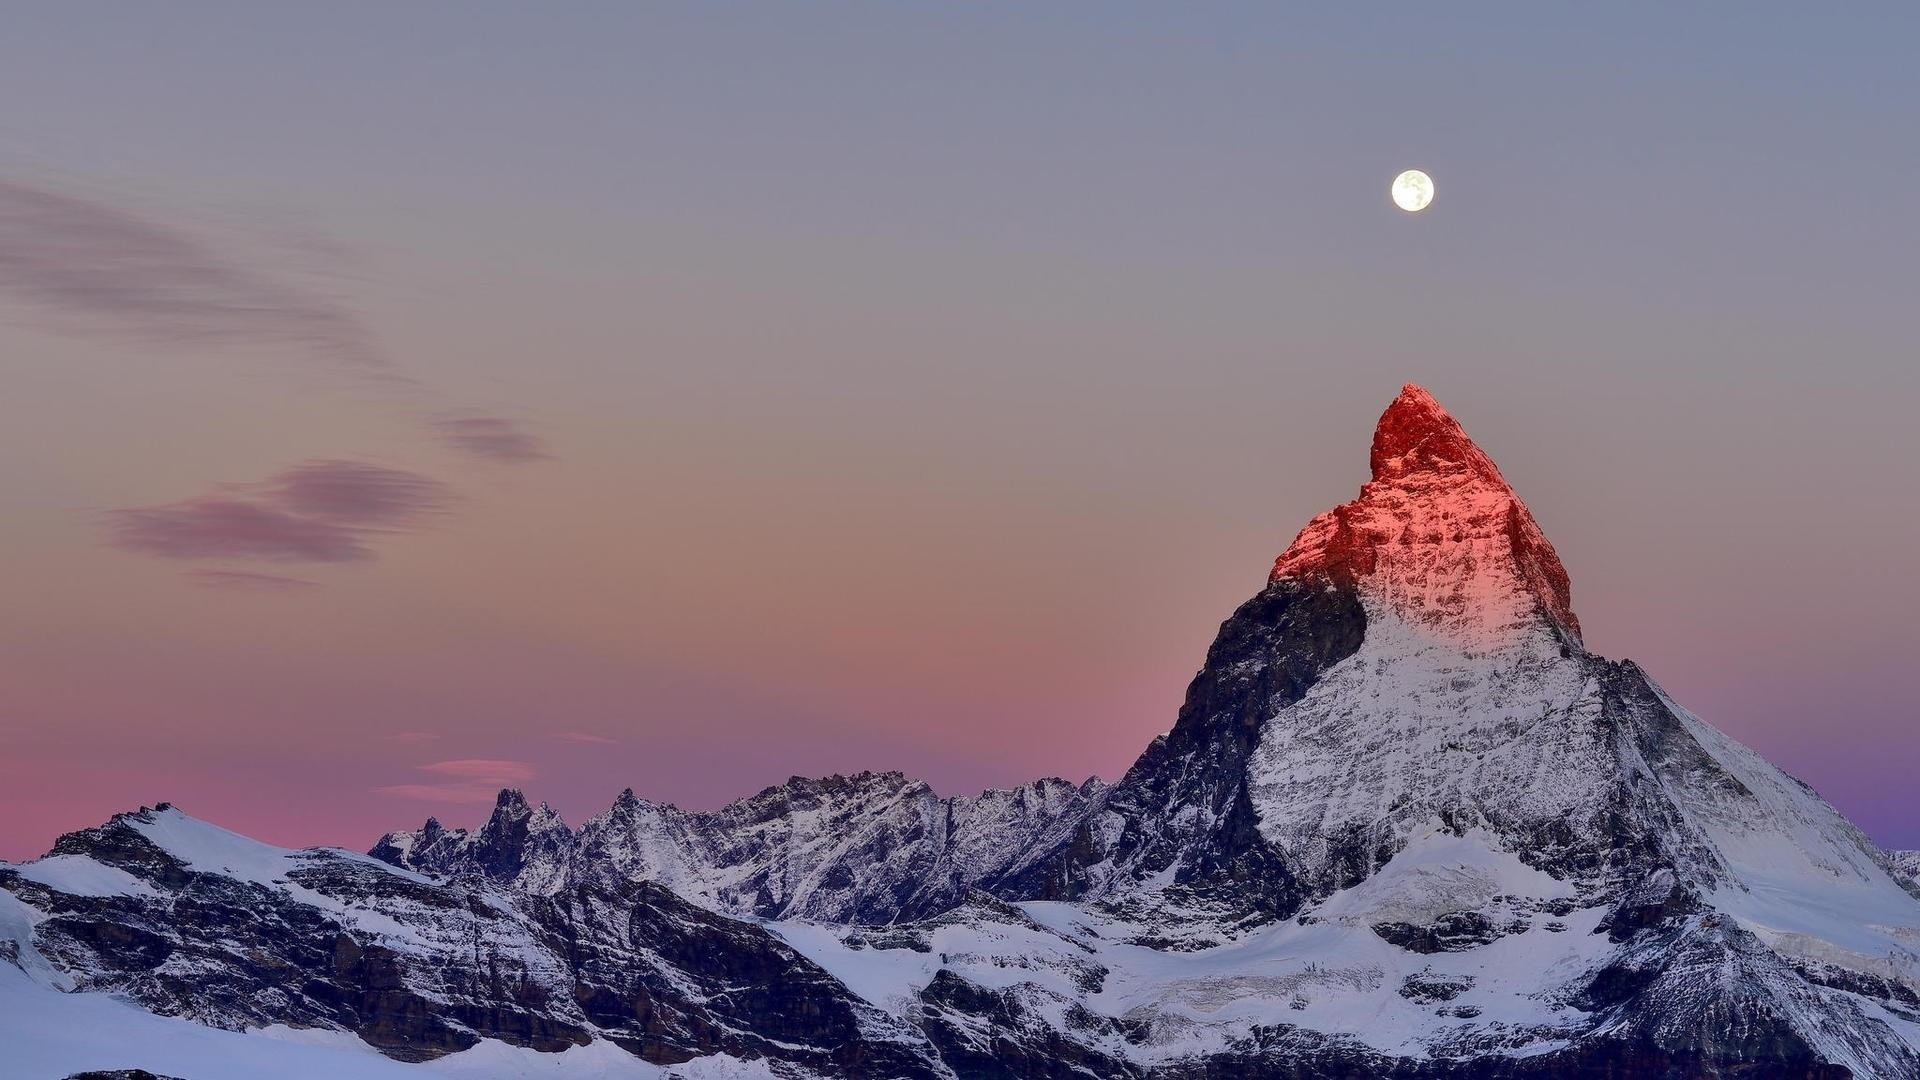 Matterhorn from Gornergrat Station wallpaper